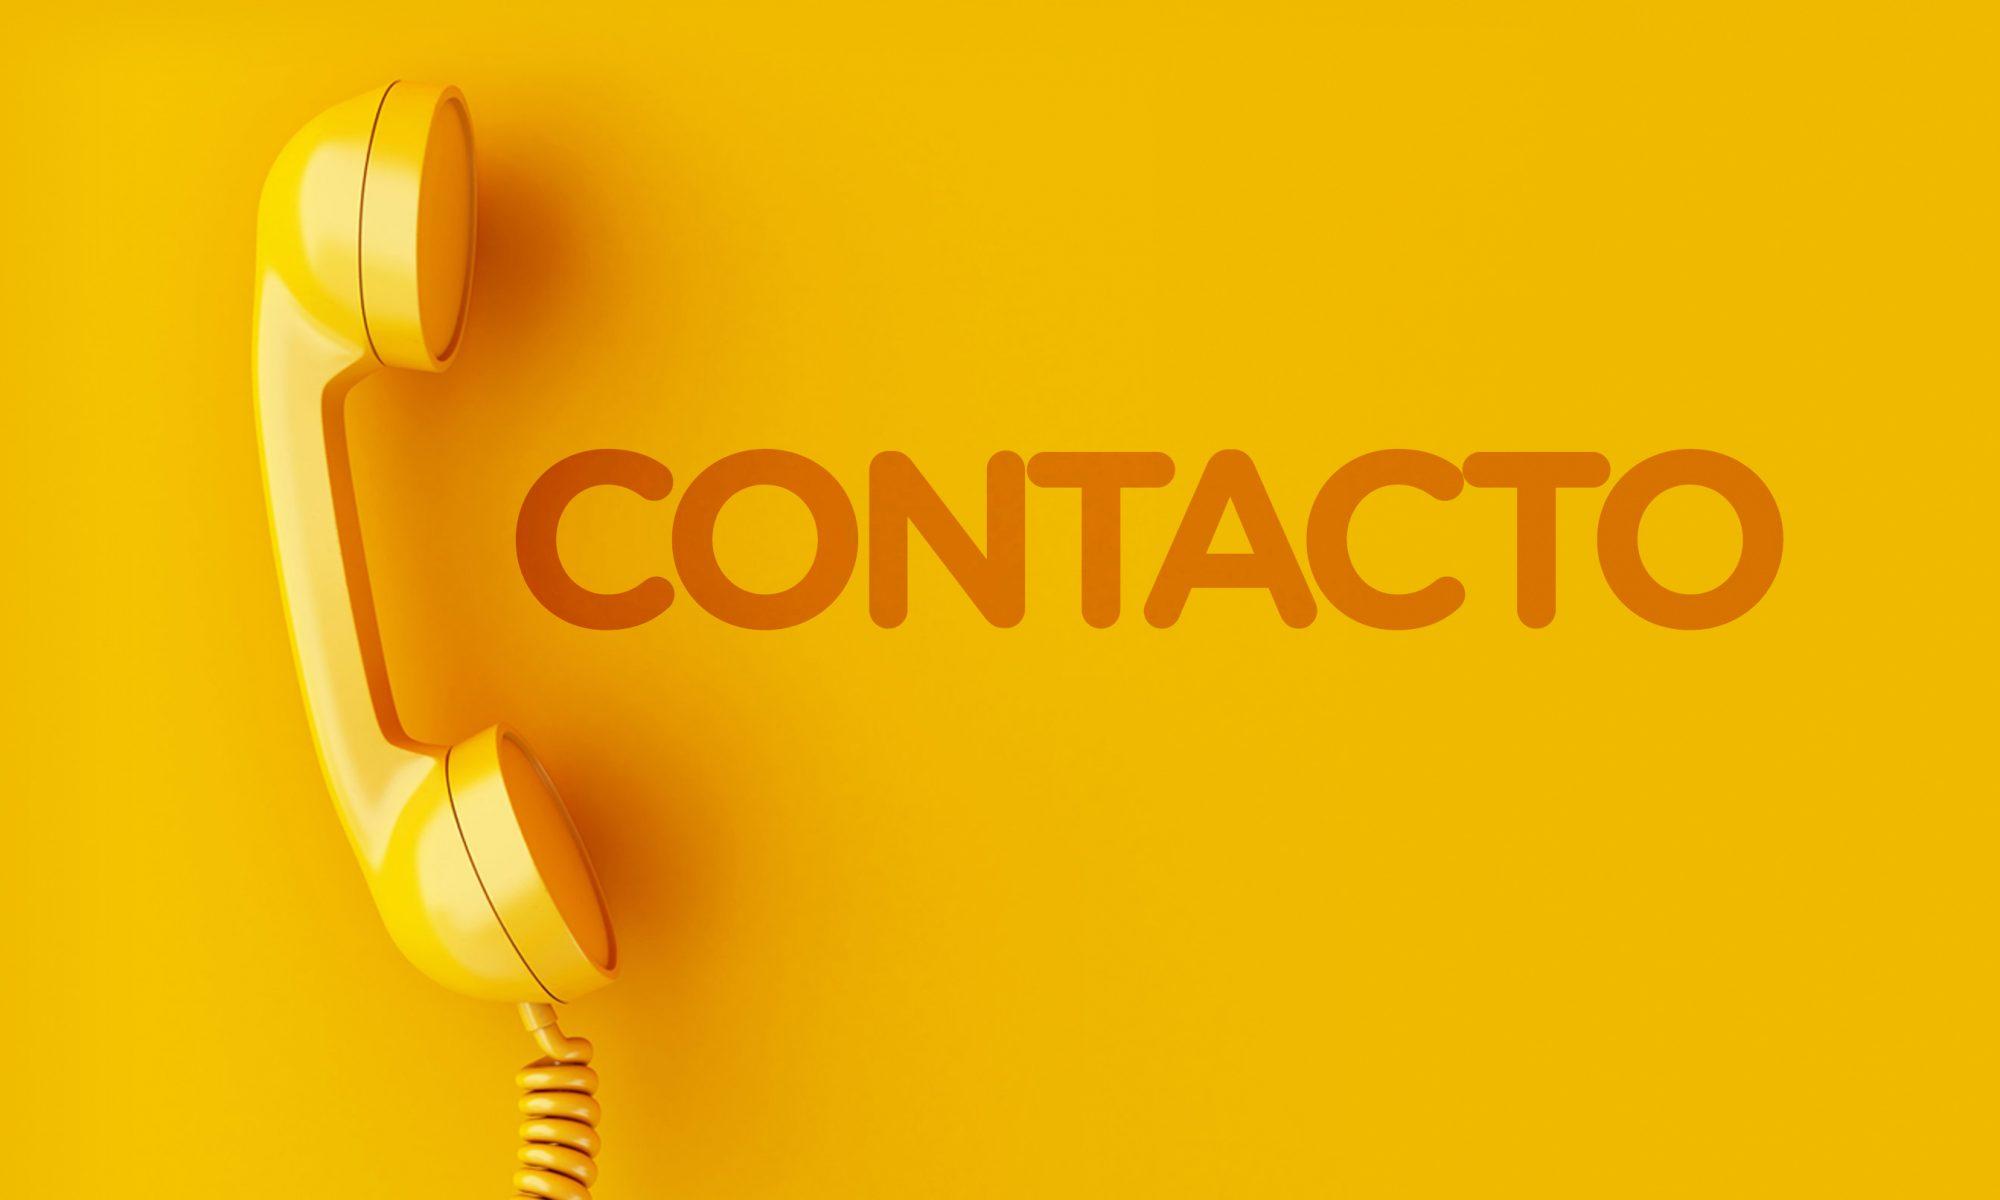 Contacto Hago Logos